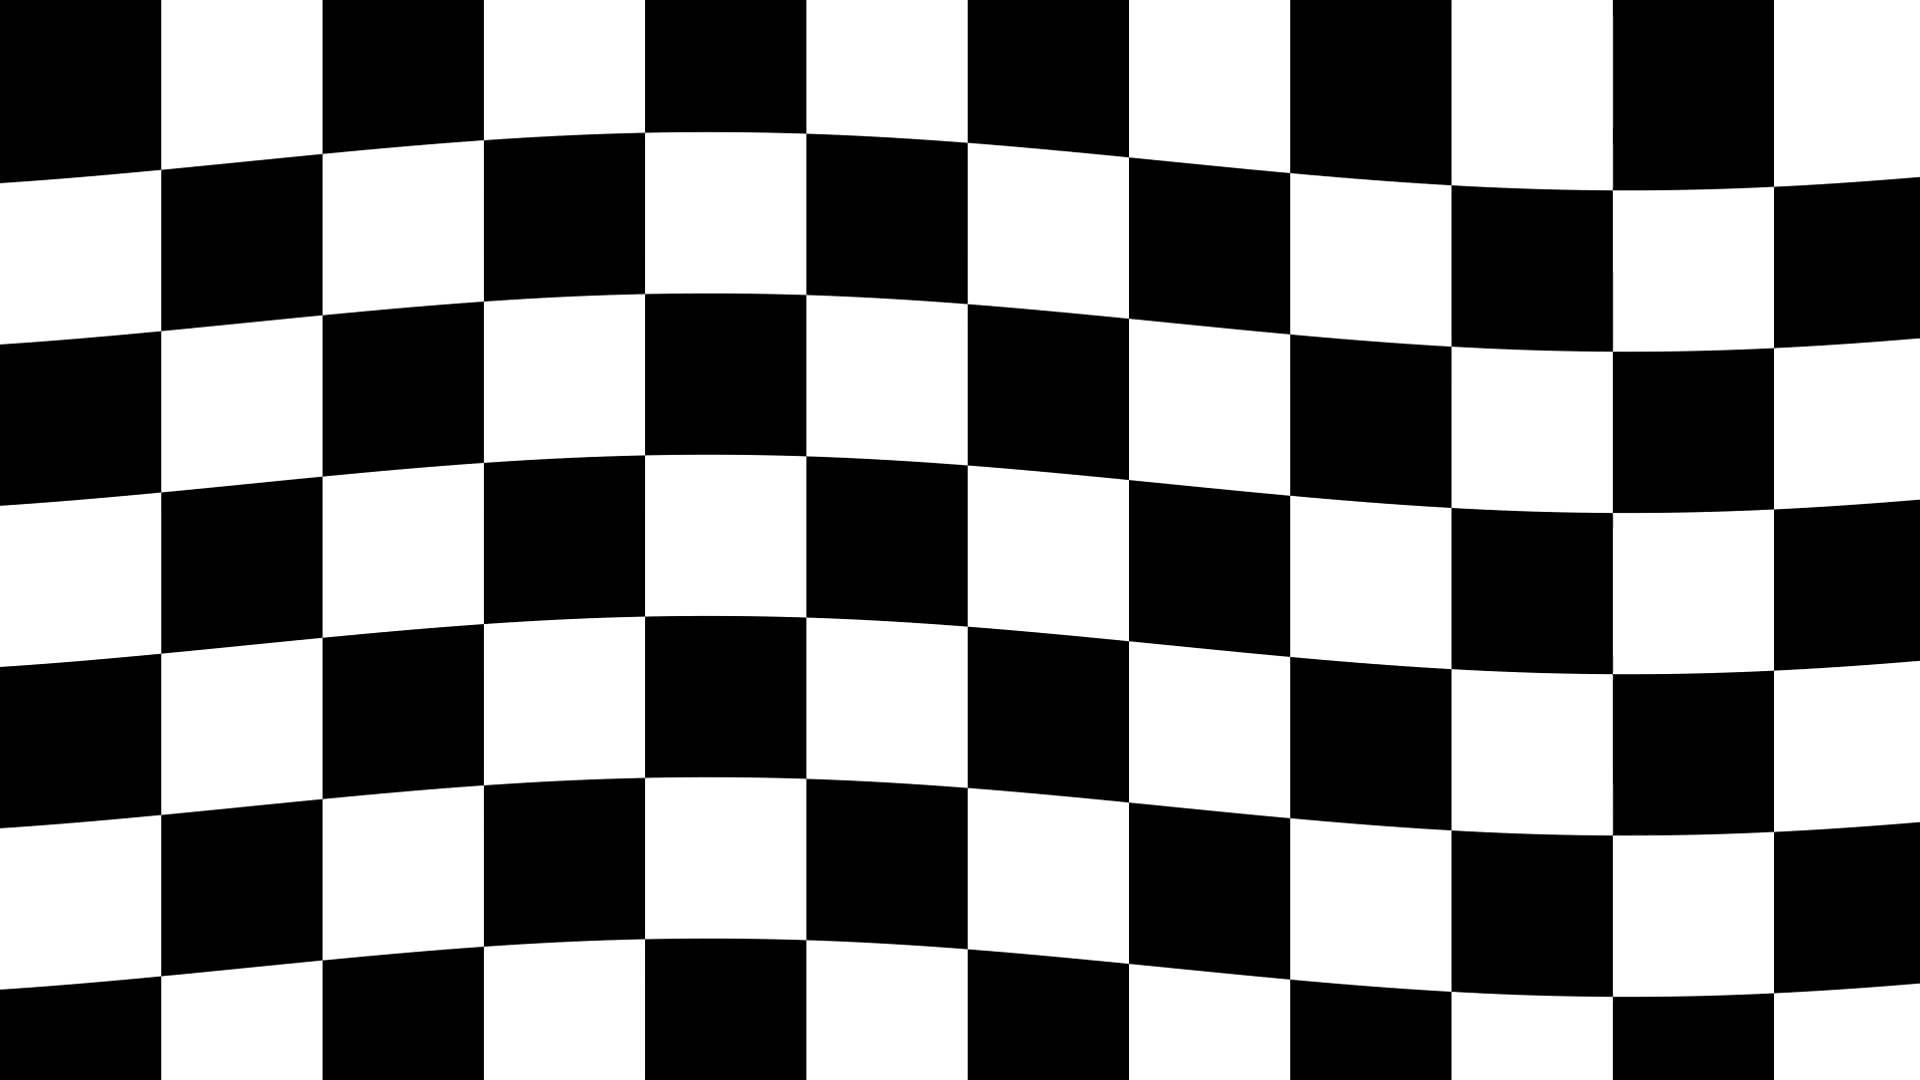 checkered desktop wallpaper 50567